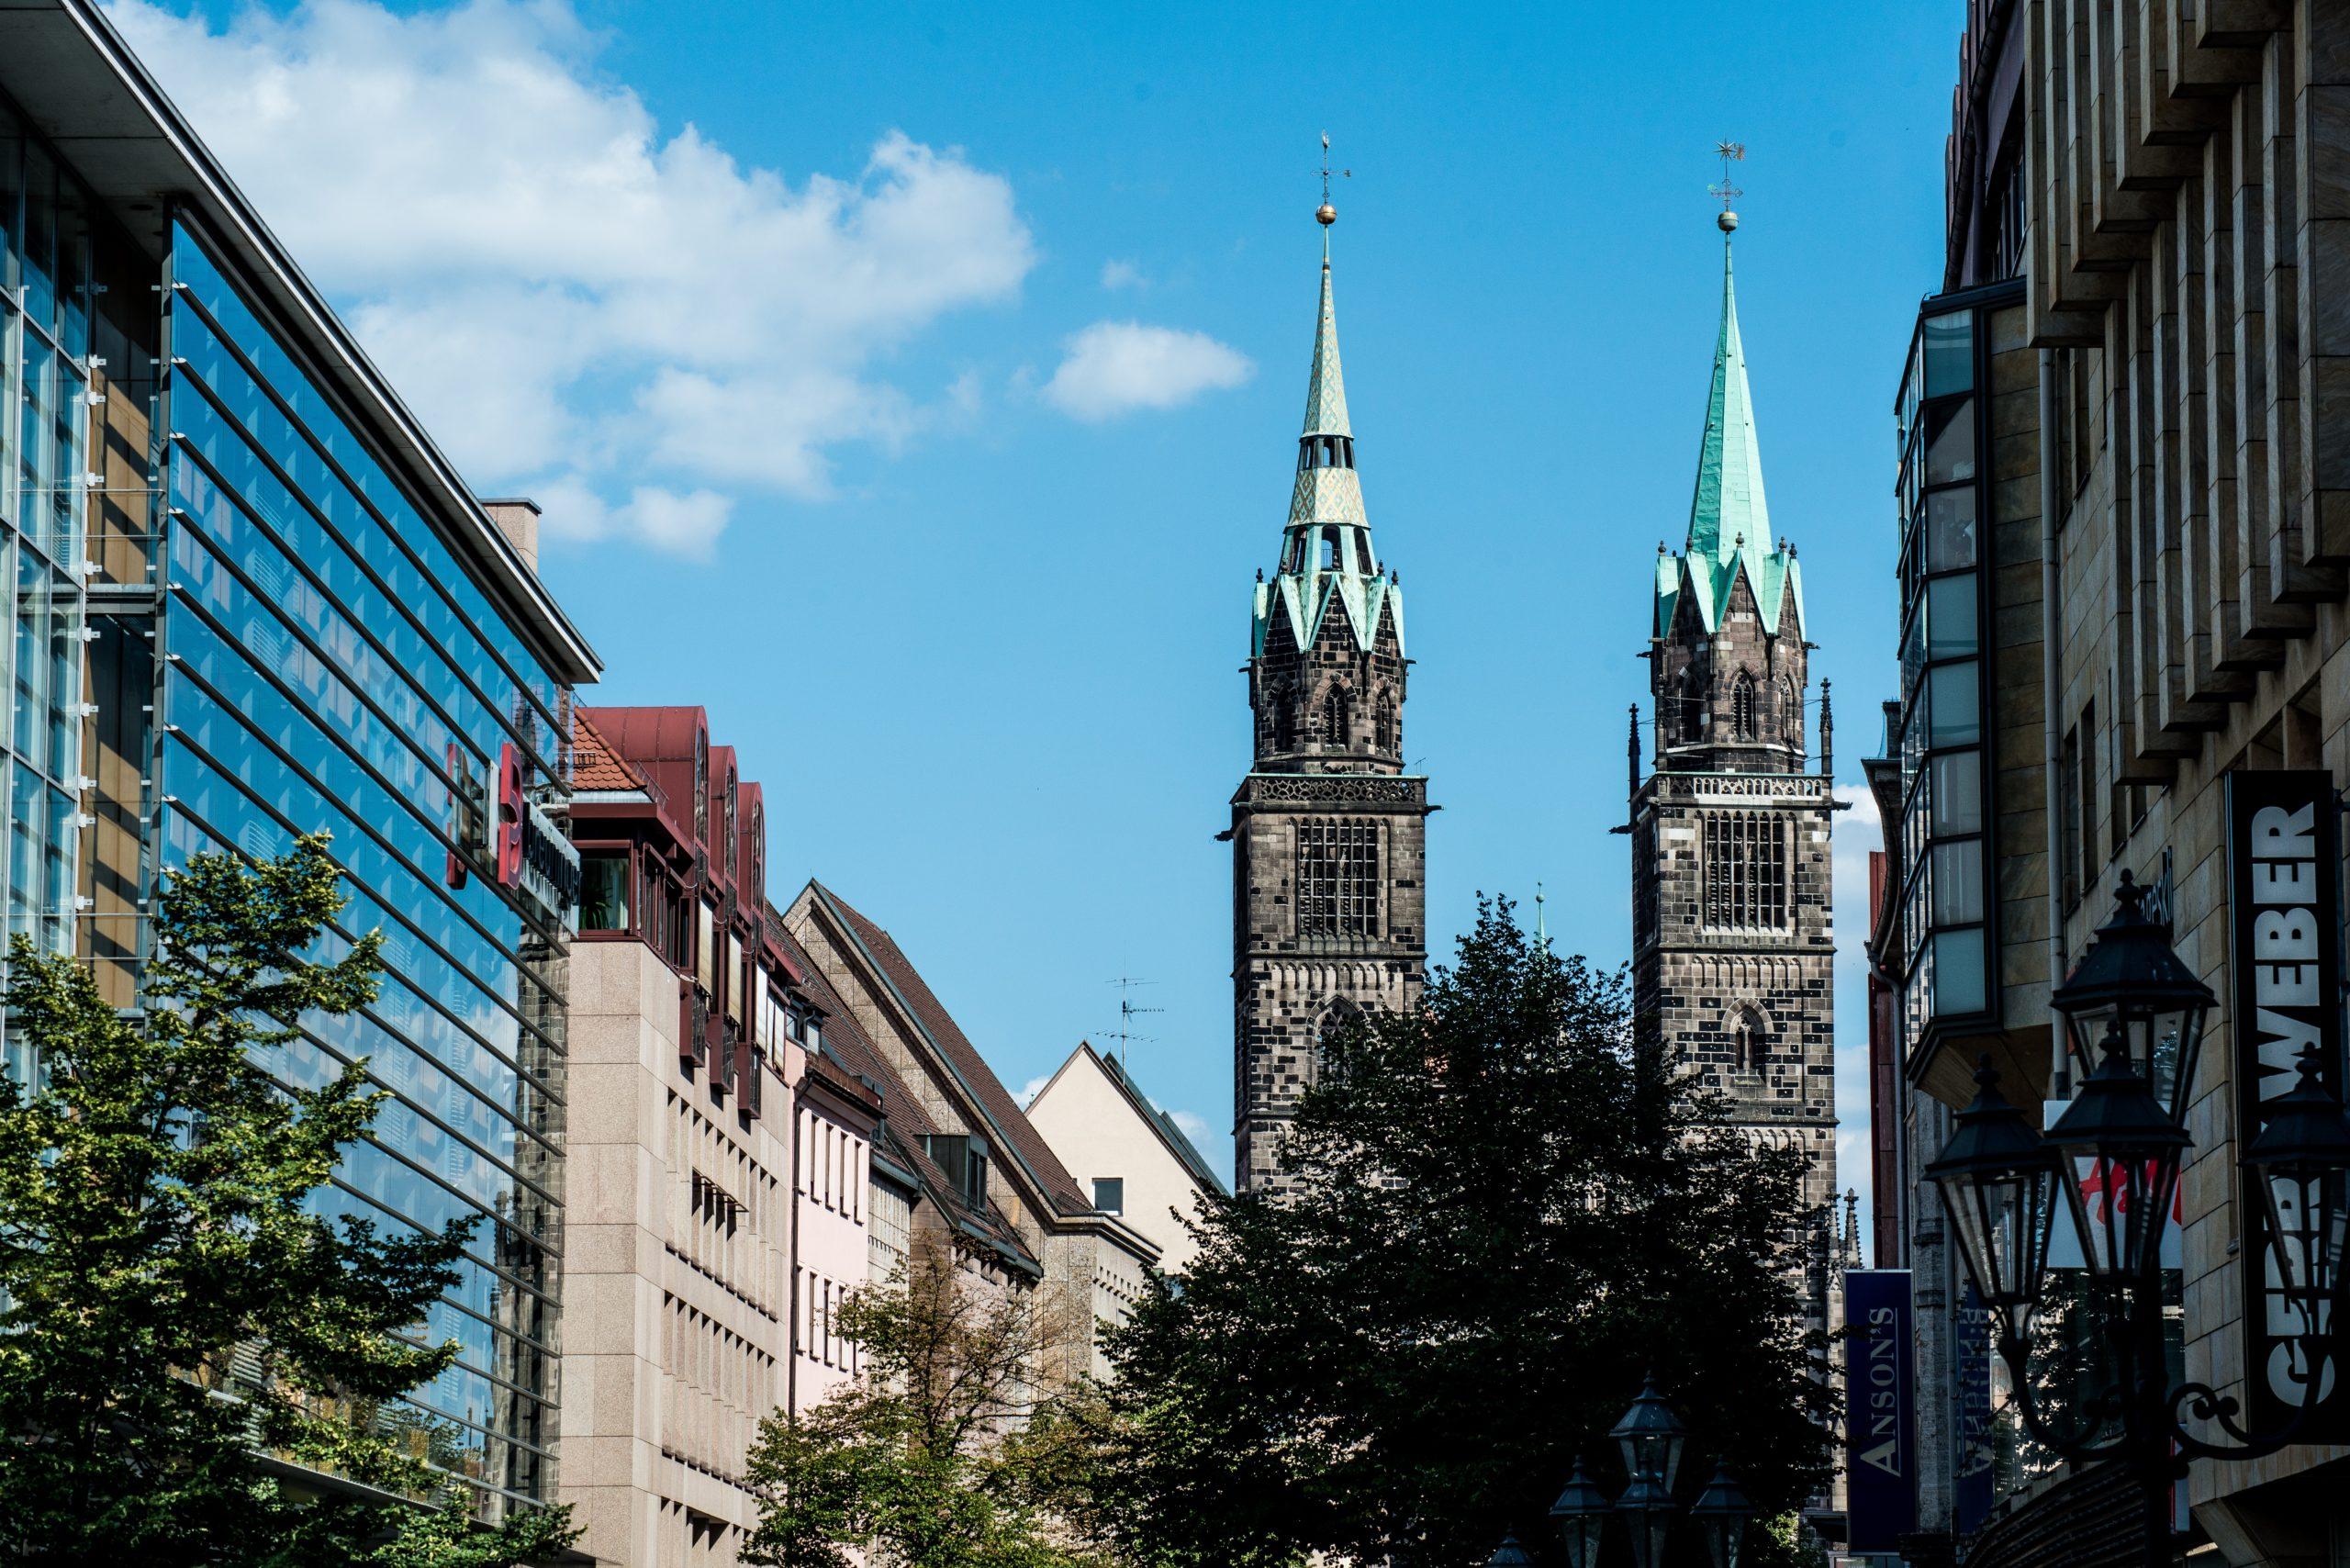 Ist es schwer, in Deutschland zu leben?